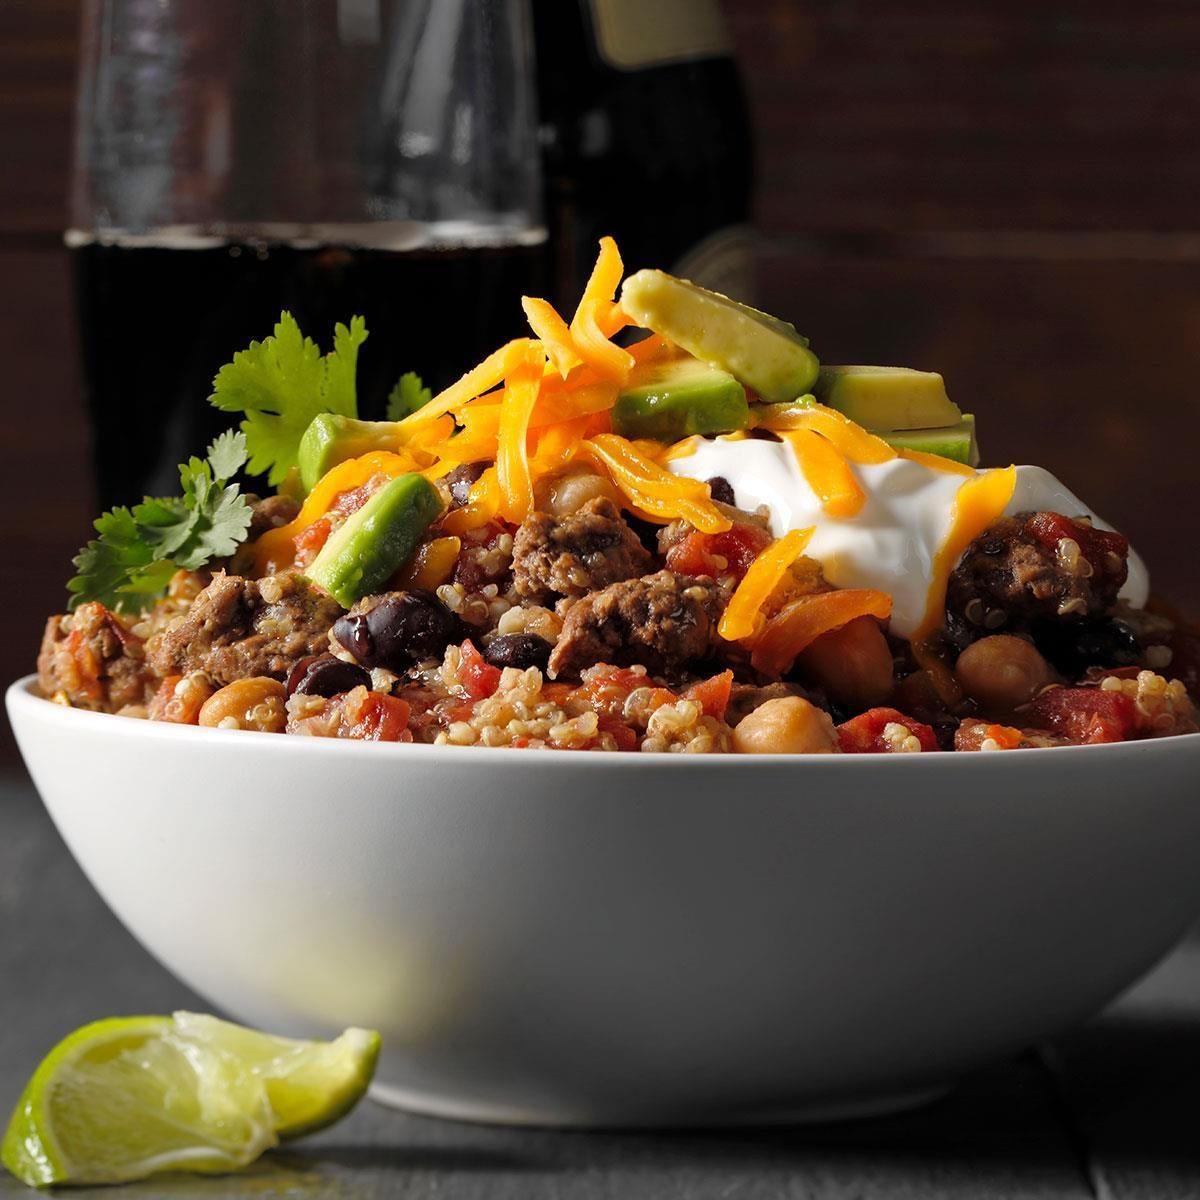 Slow-Cooker Quinoa Chili Recipe